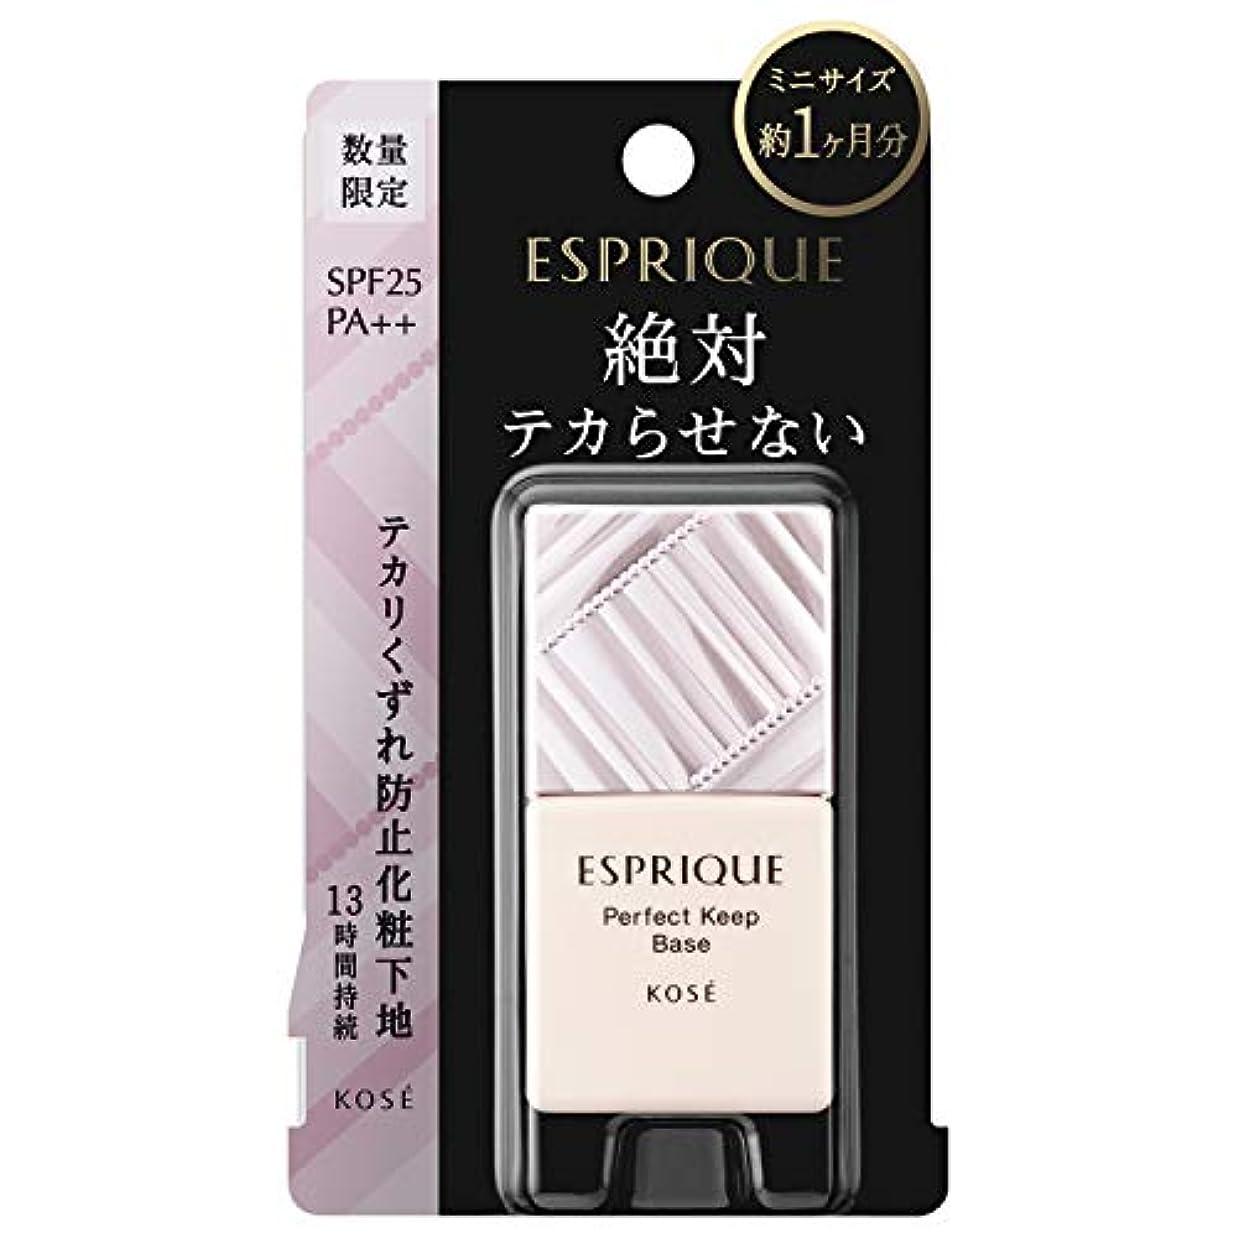 検閲チップ義務ESPRIQUE(エスプリーク) エスプリーク パーフェクト キープ ベース 化粧下地 10g